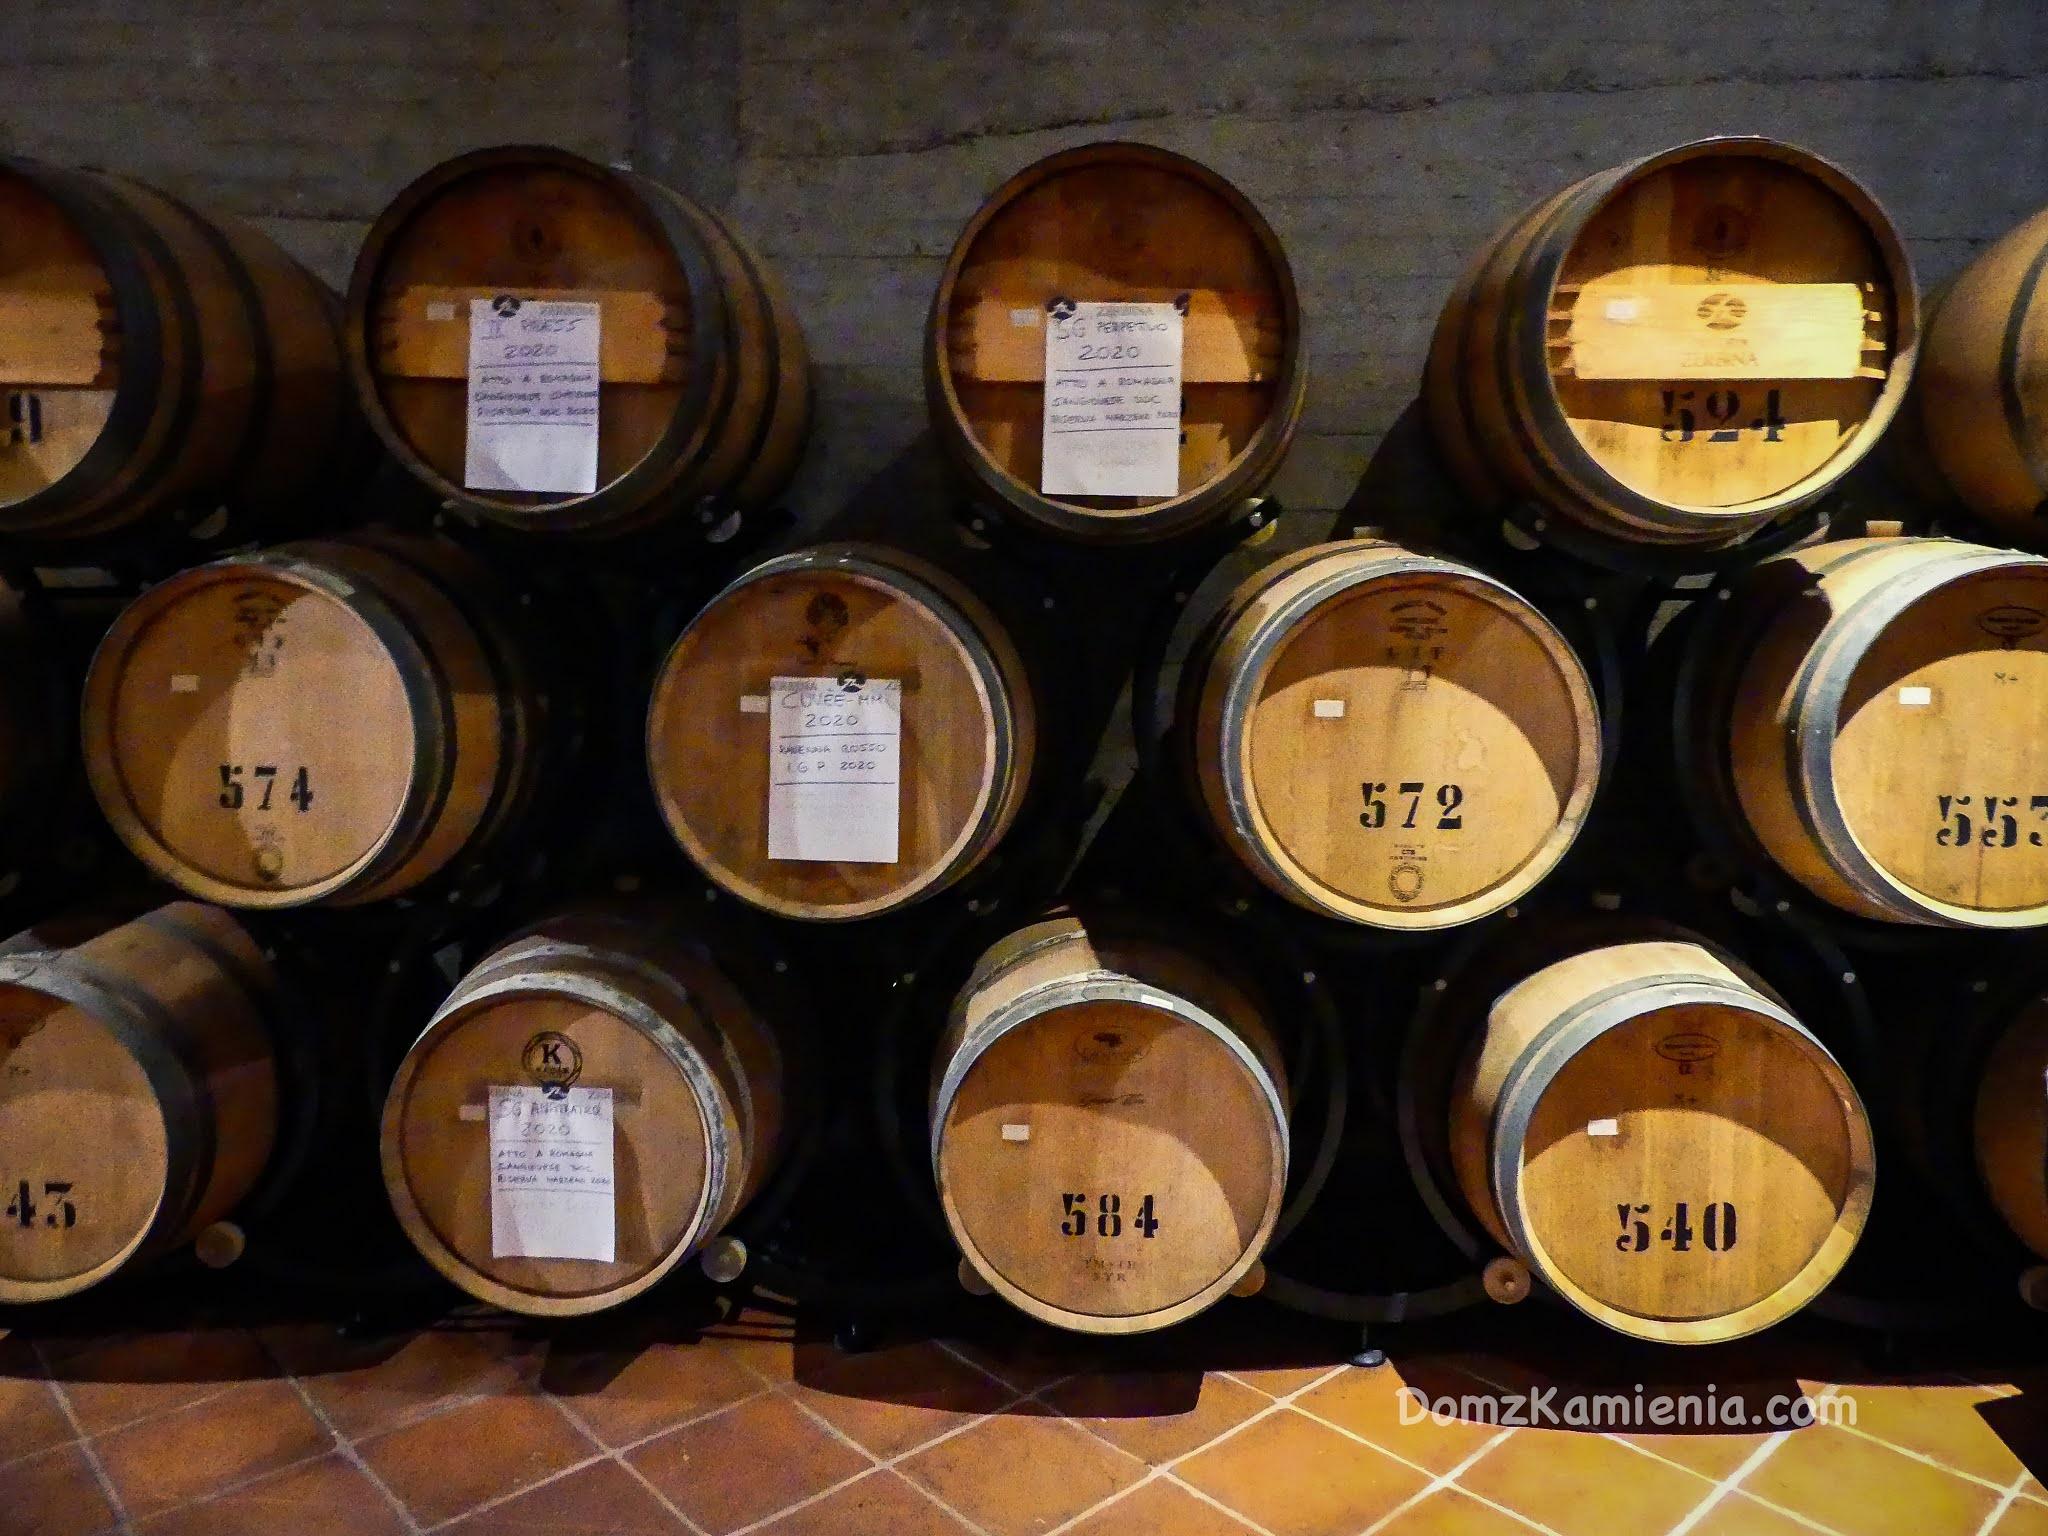 Dom z Kamienia i Kalejdoskop Renaty warsztaty kulinarne w Toskanii